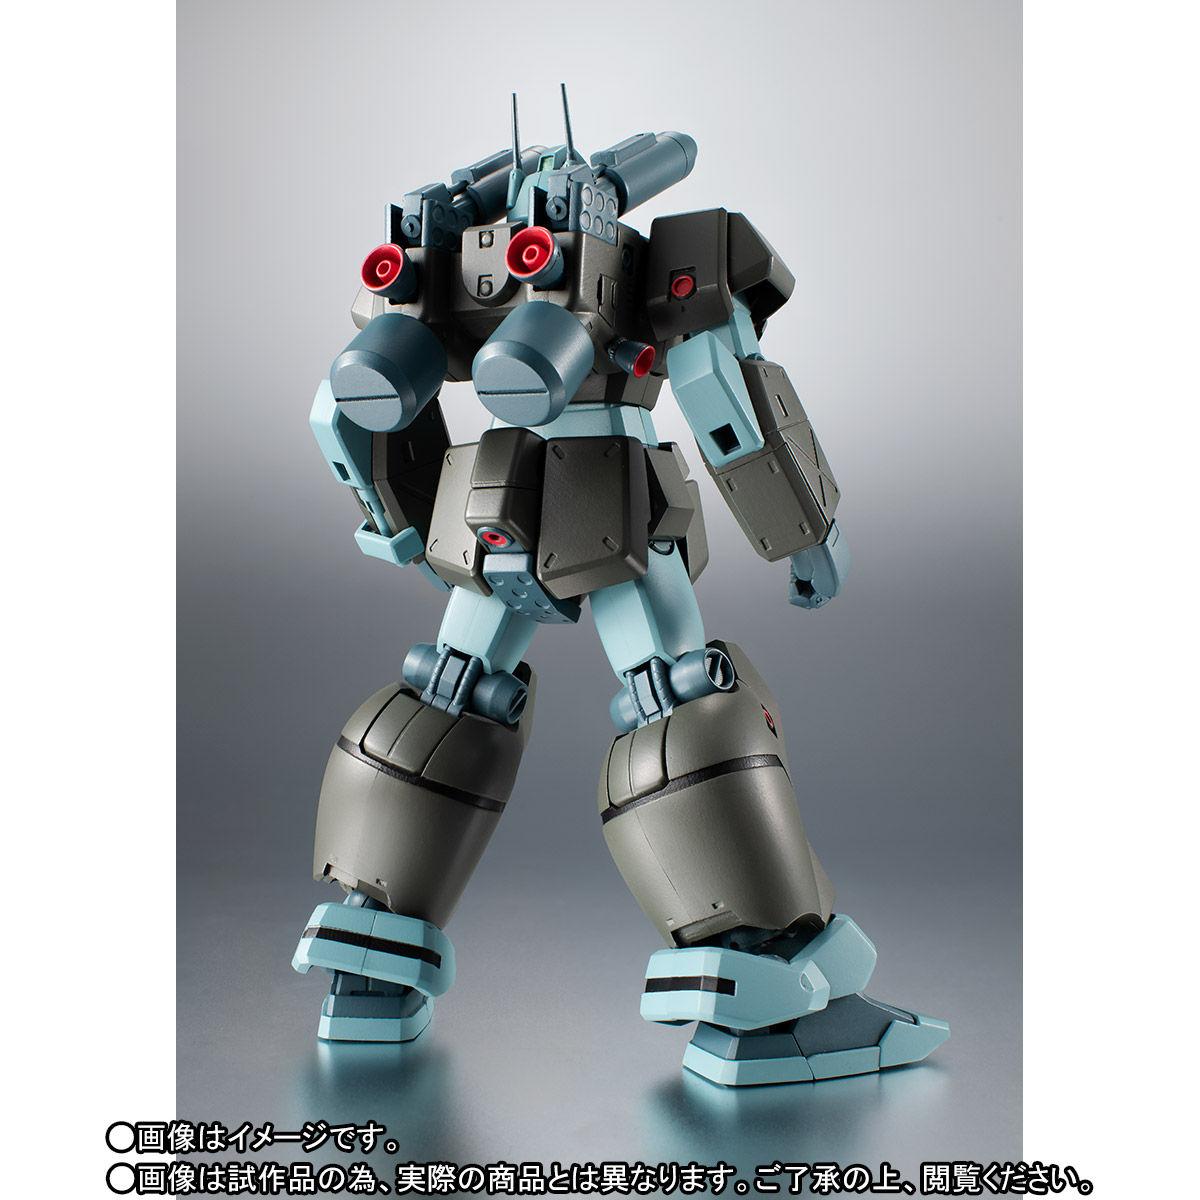 【限定販売】ROBOT魂〈SIDE MS〉『RGC-83 ジム・キャノンII ver. A.N.I.M.E.』ガンダム0083 可動フィギュア-003